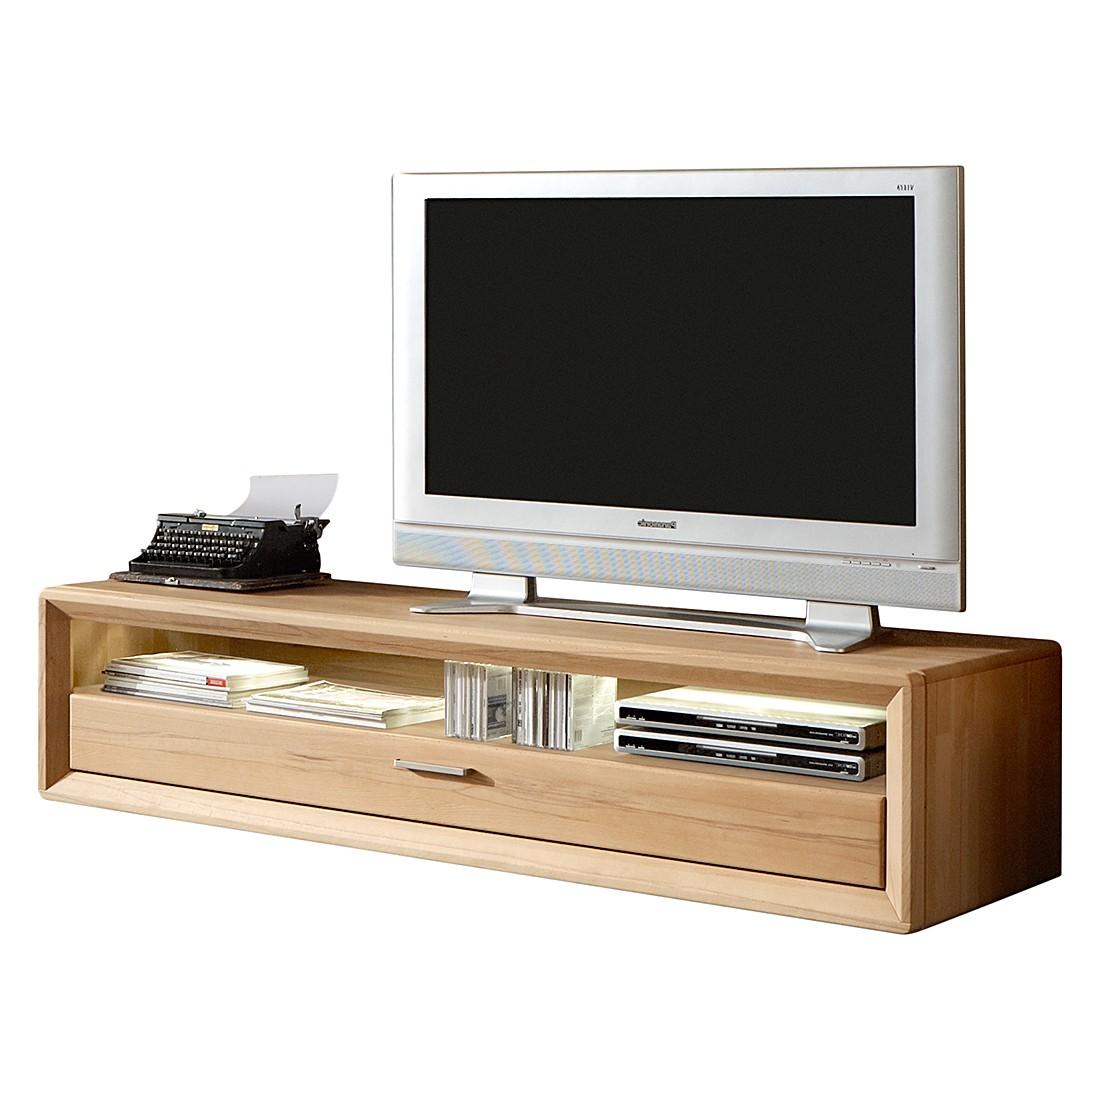 Meuble tv meuble tv bois hauteur 57 cm meuble tv bois - Meuble tv hauteur 50 cm ...